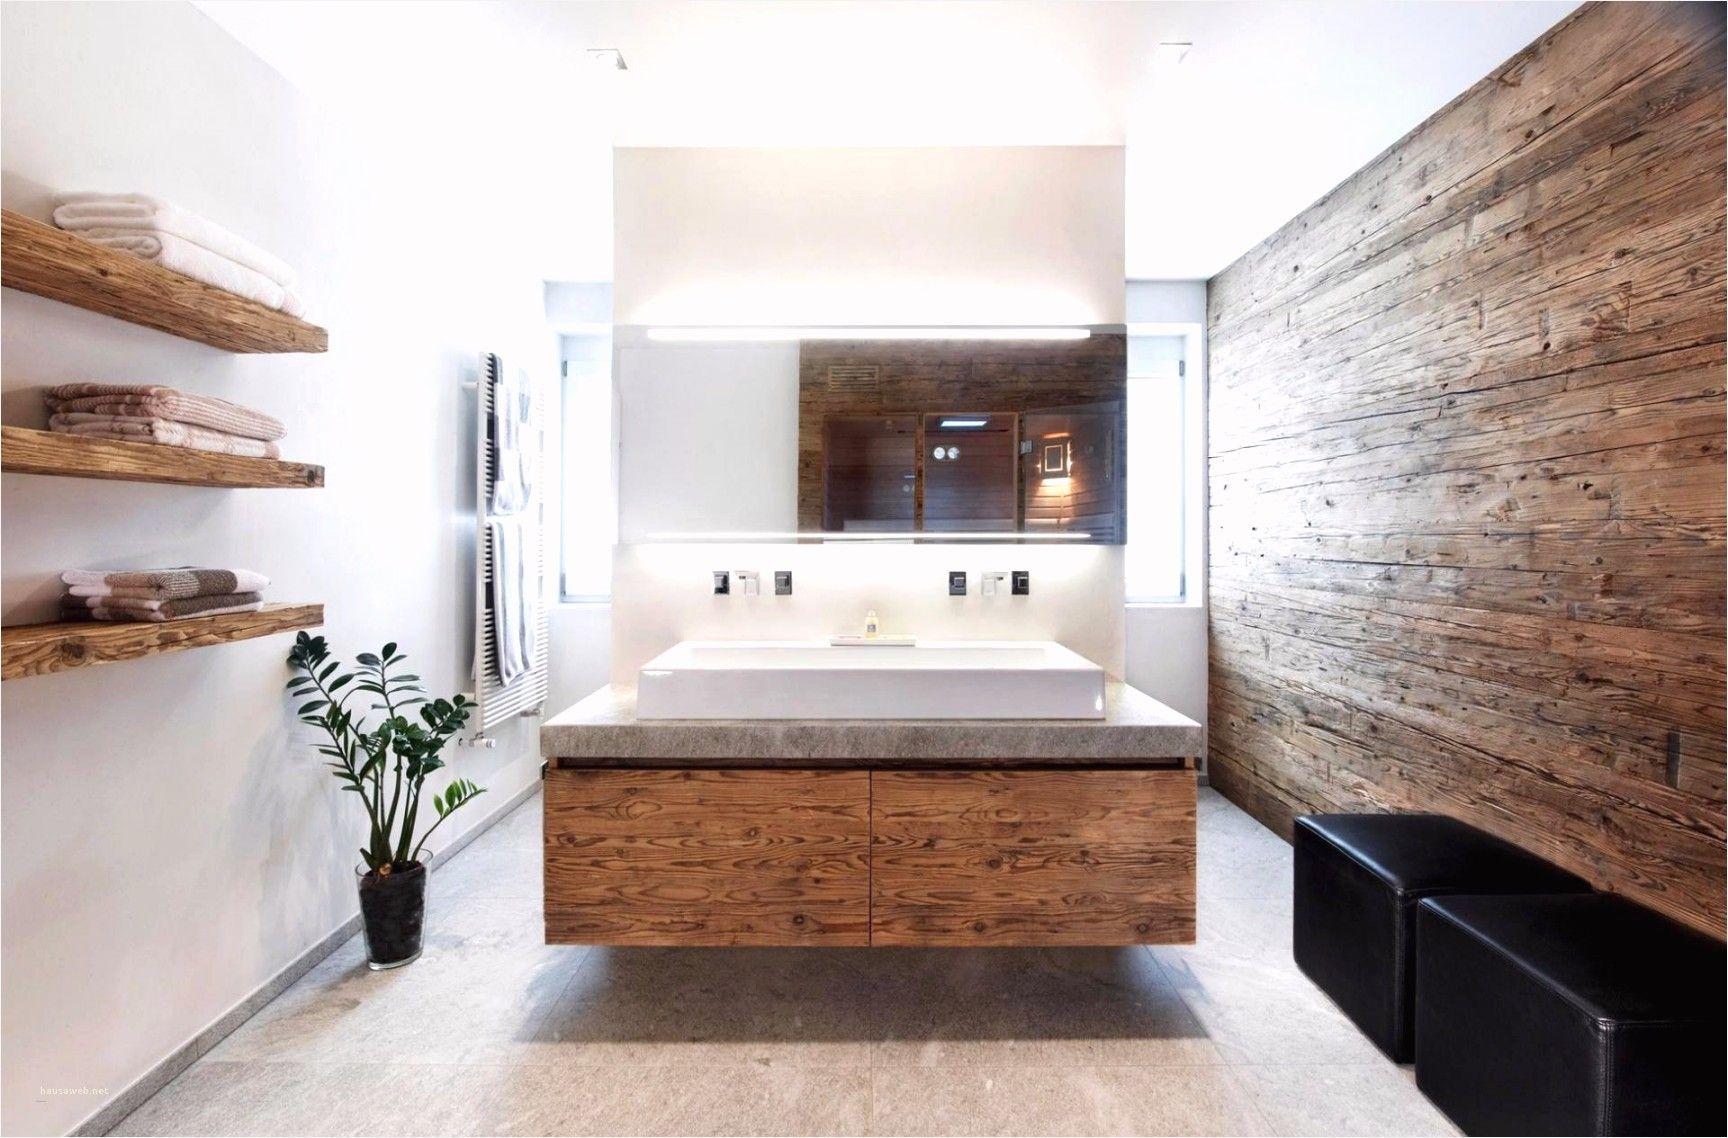 Badezimmer Holzboden Bad Badezimmer Holzboden Grau Mit